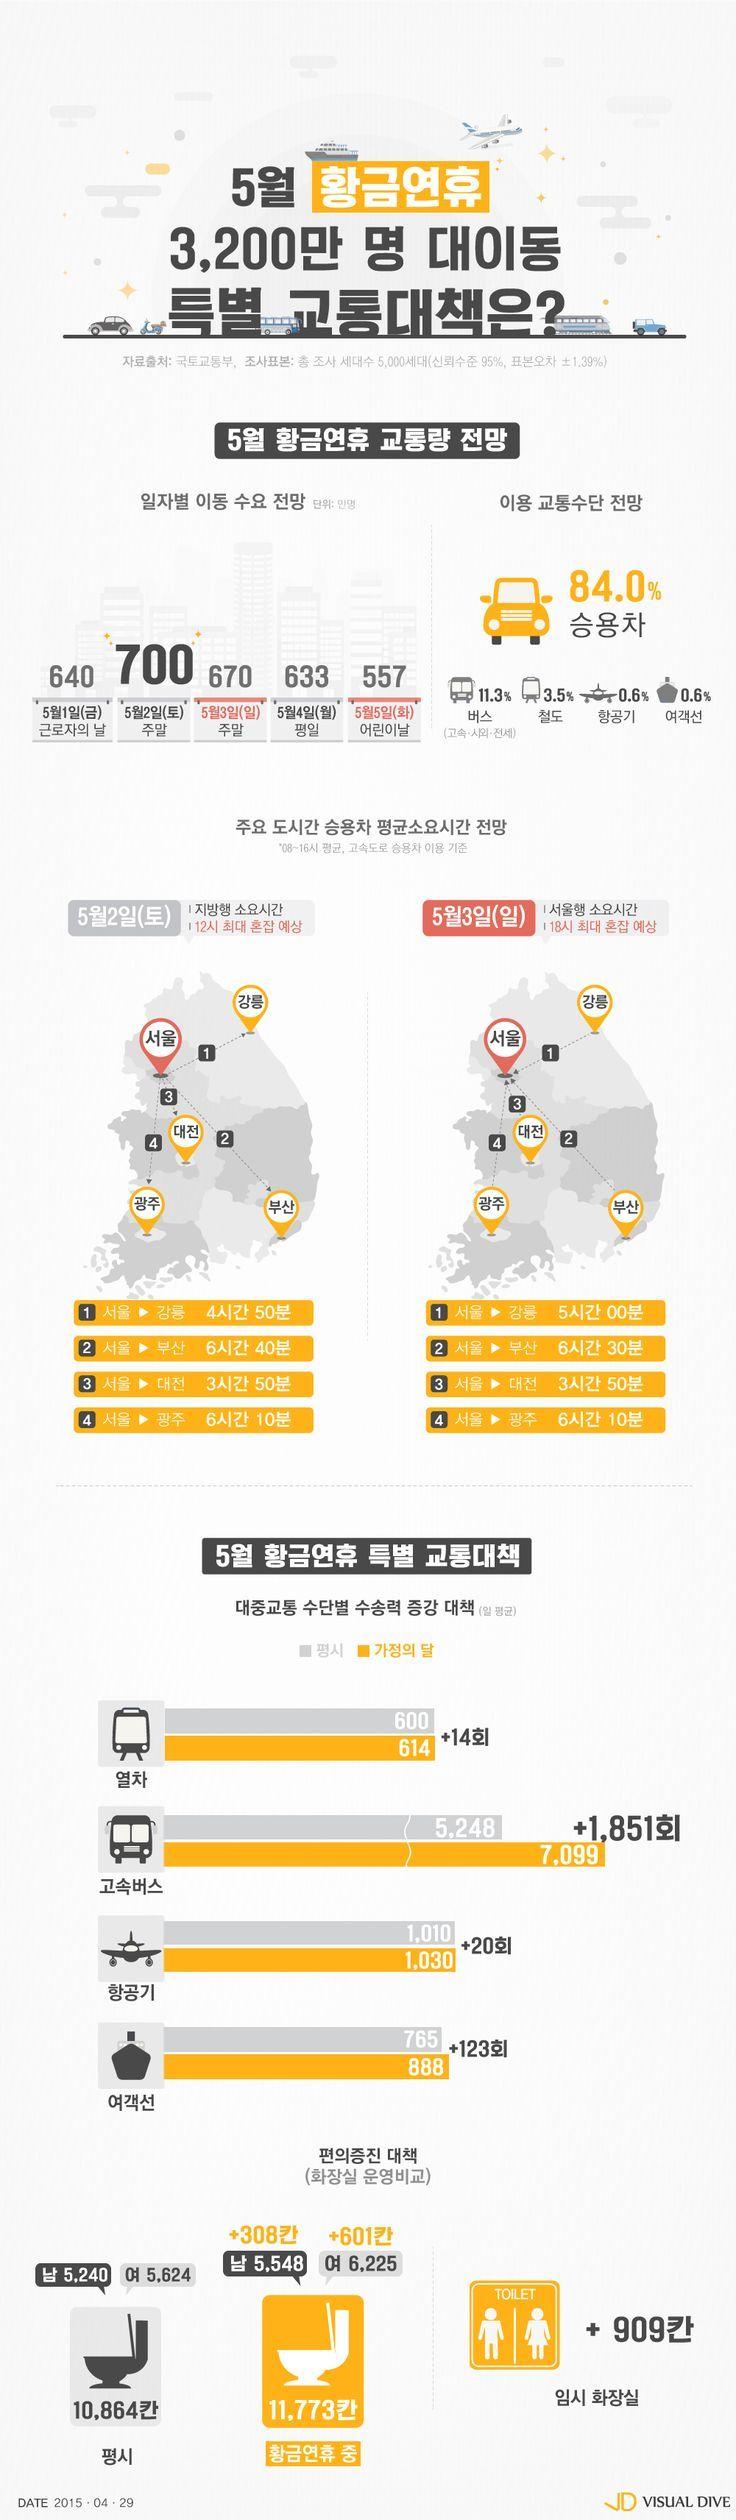 대한민국 지도 교통